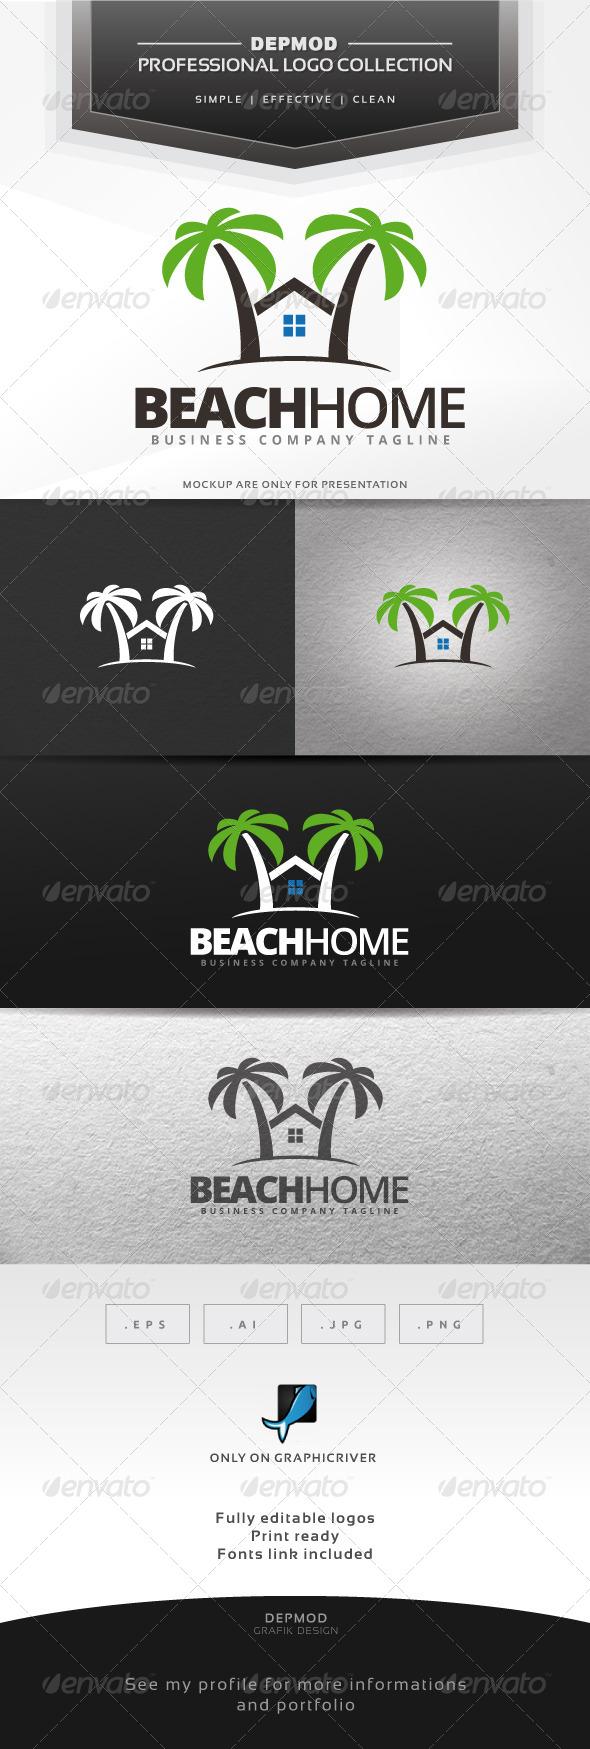 beach-home